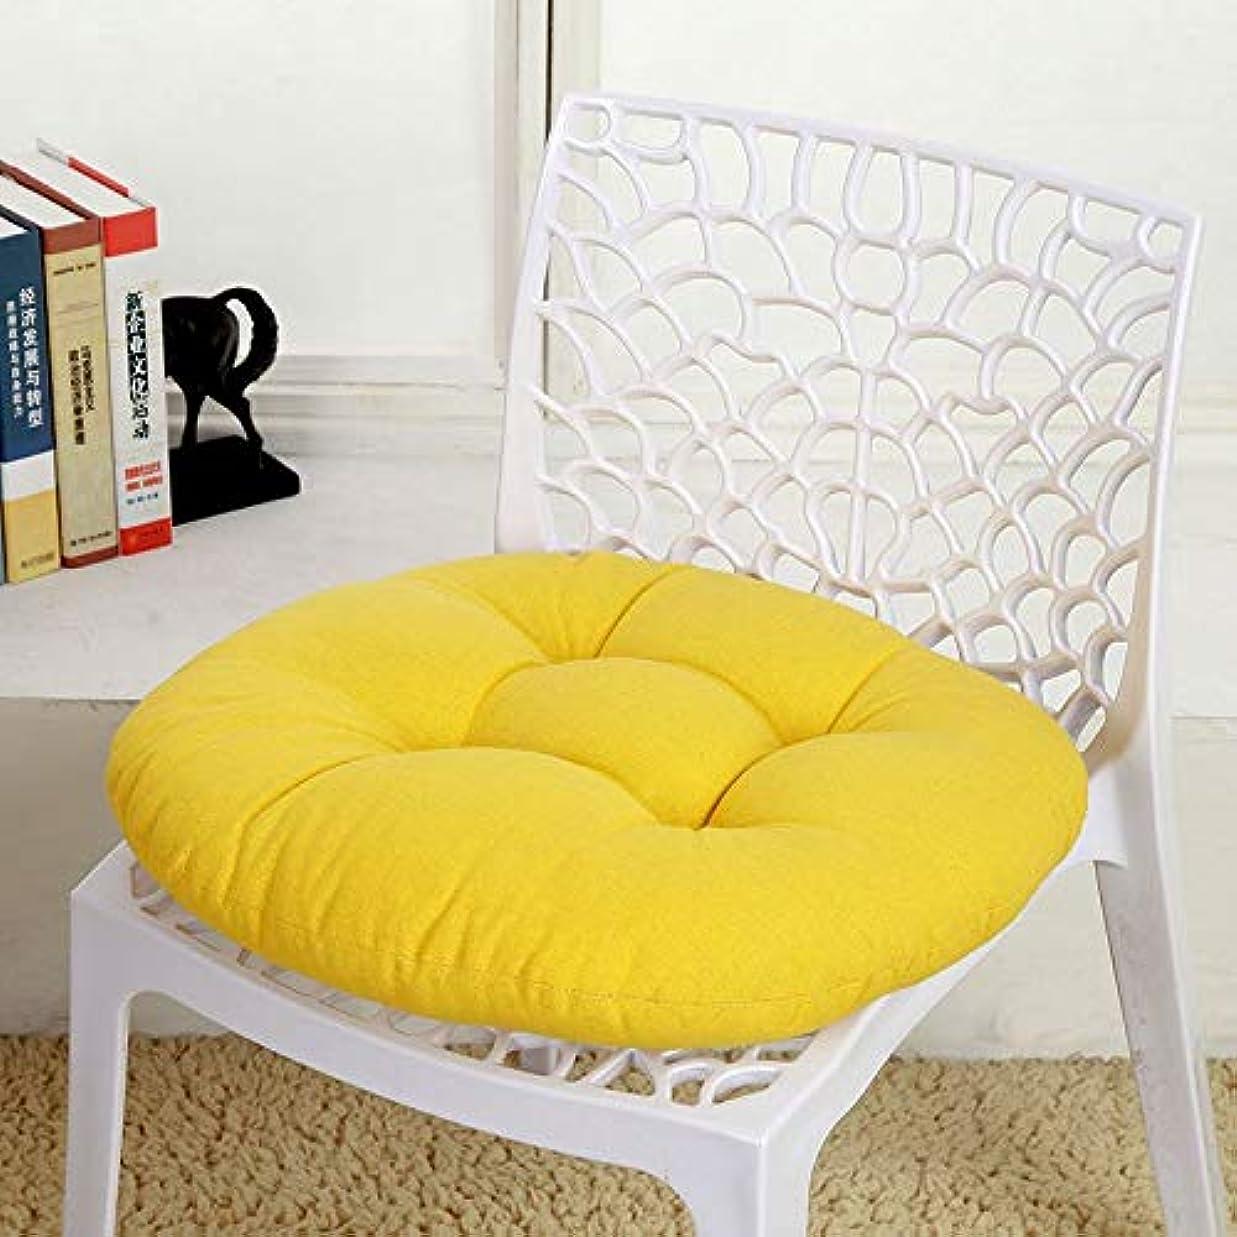 映画後悔誘惑するLIFE キャンディカラーのクッションラウンドシートクッション波ウィンドウシートクッションクッション家の装飾パッドラウンド枕シート枕椅子座る枕 クッション 椅子